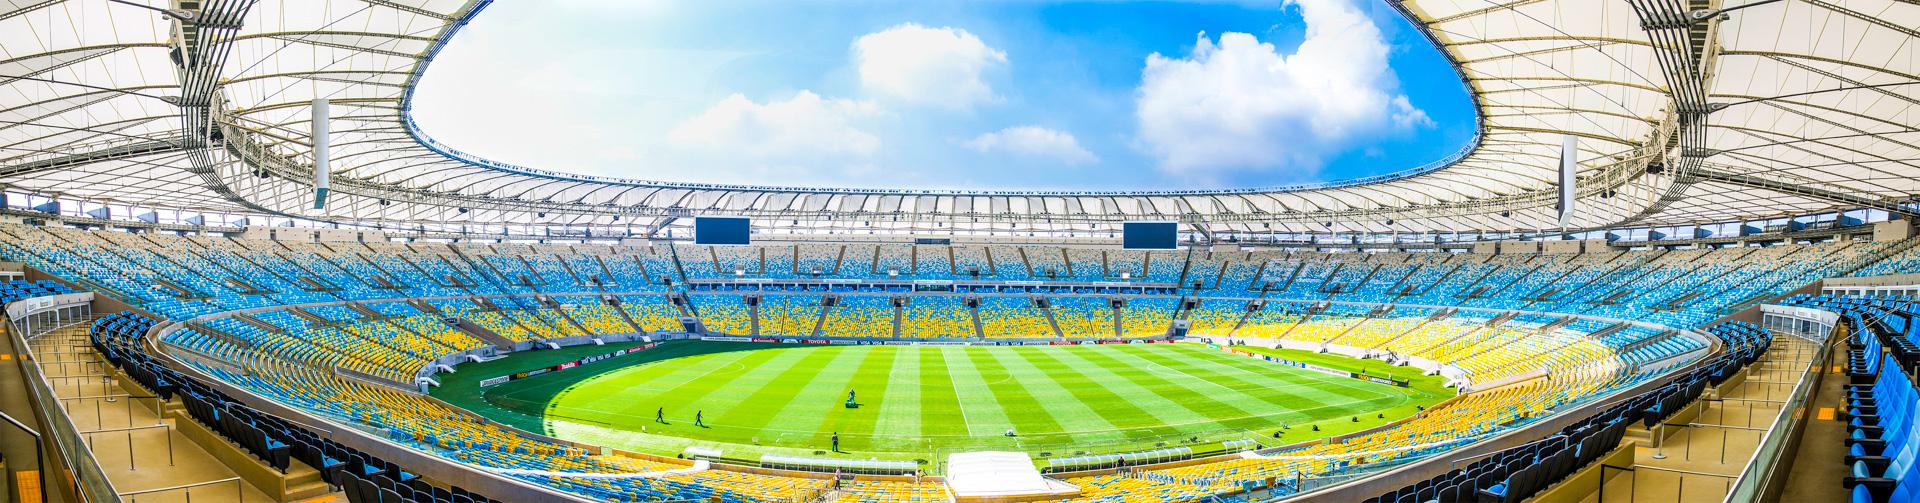 Estádio do Maracanã. Panorâmica. Rio de Janeiro, 02/04/2014.